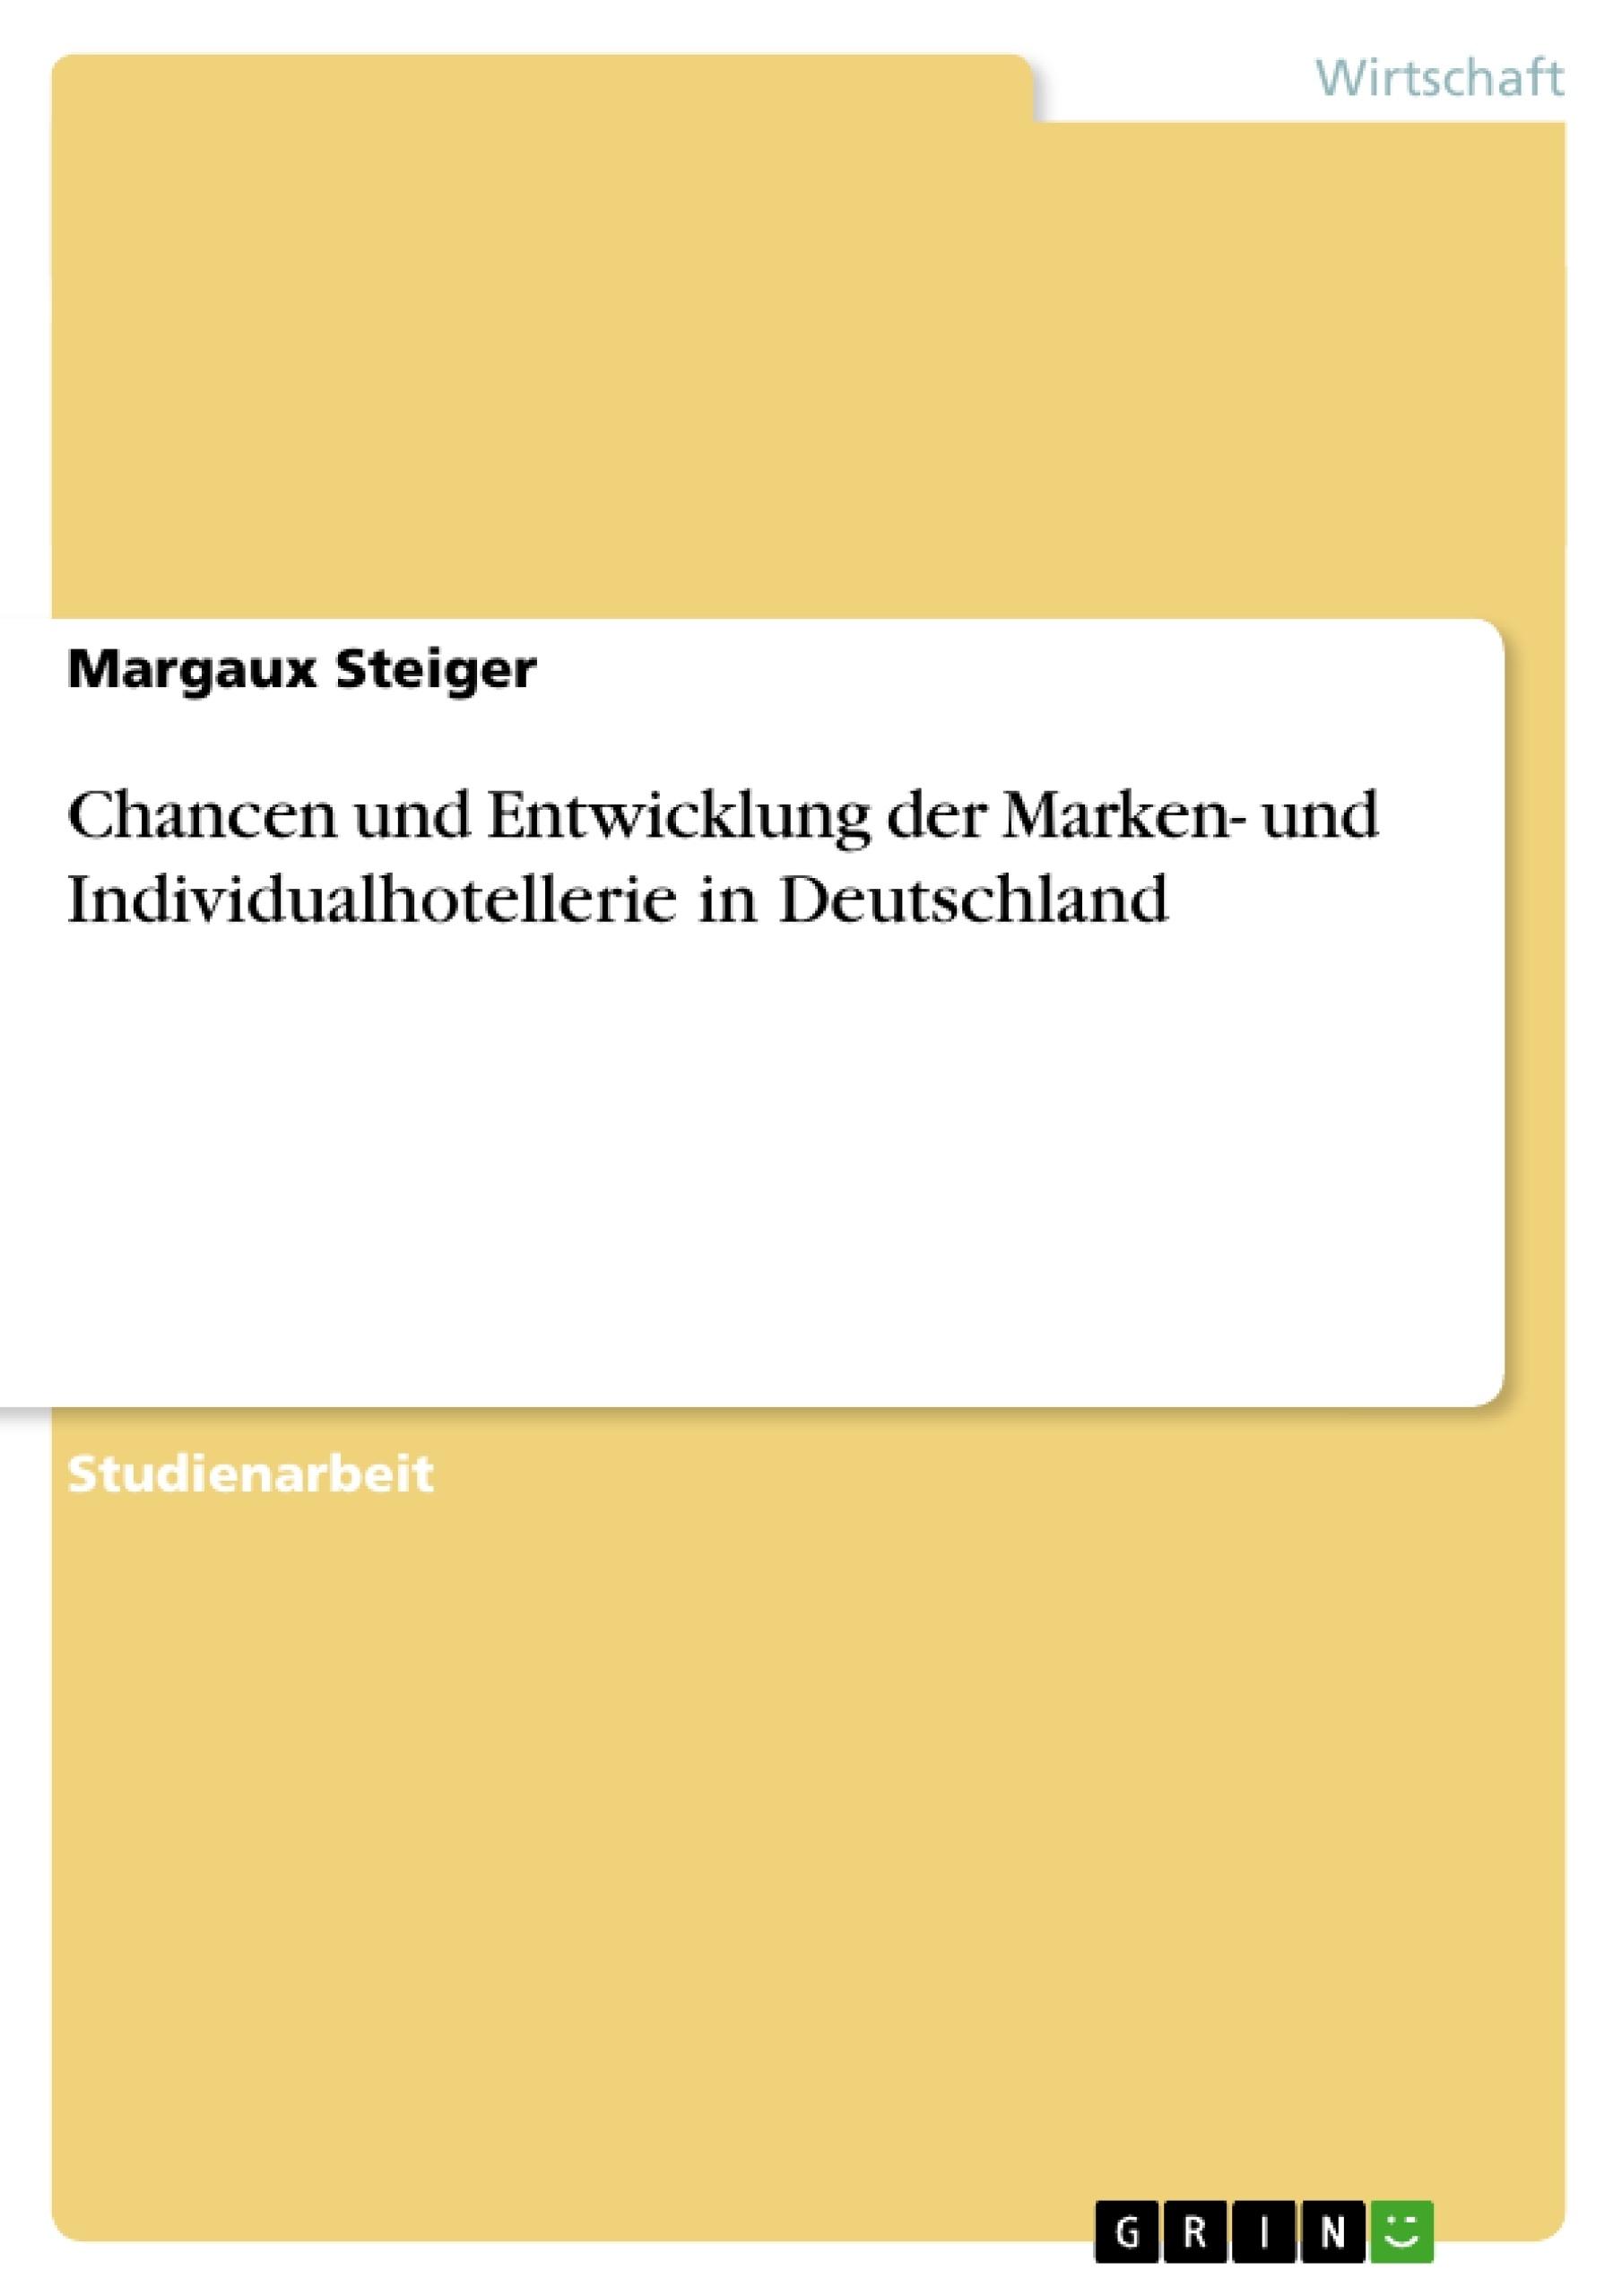 Titel: Chancen und Entwicklung der Marken- und Individualhotellerie in Deutschland